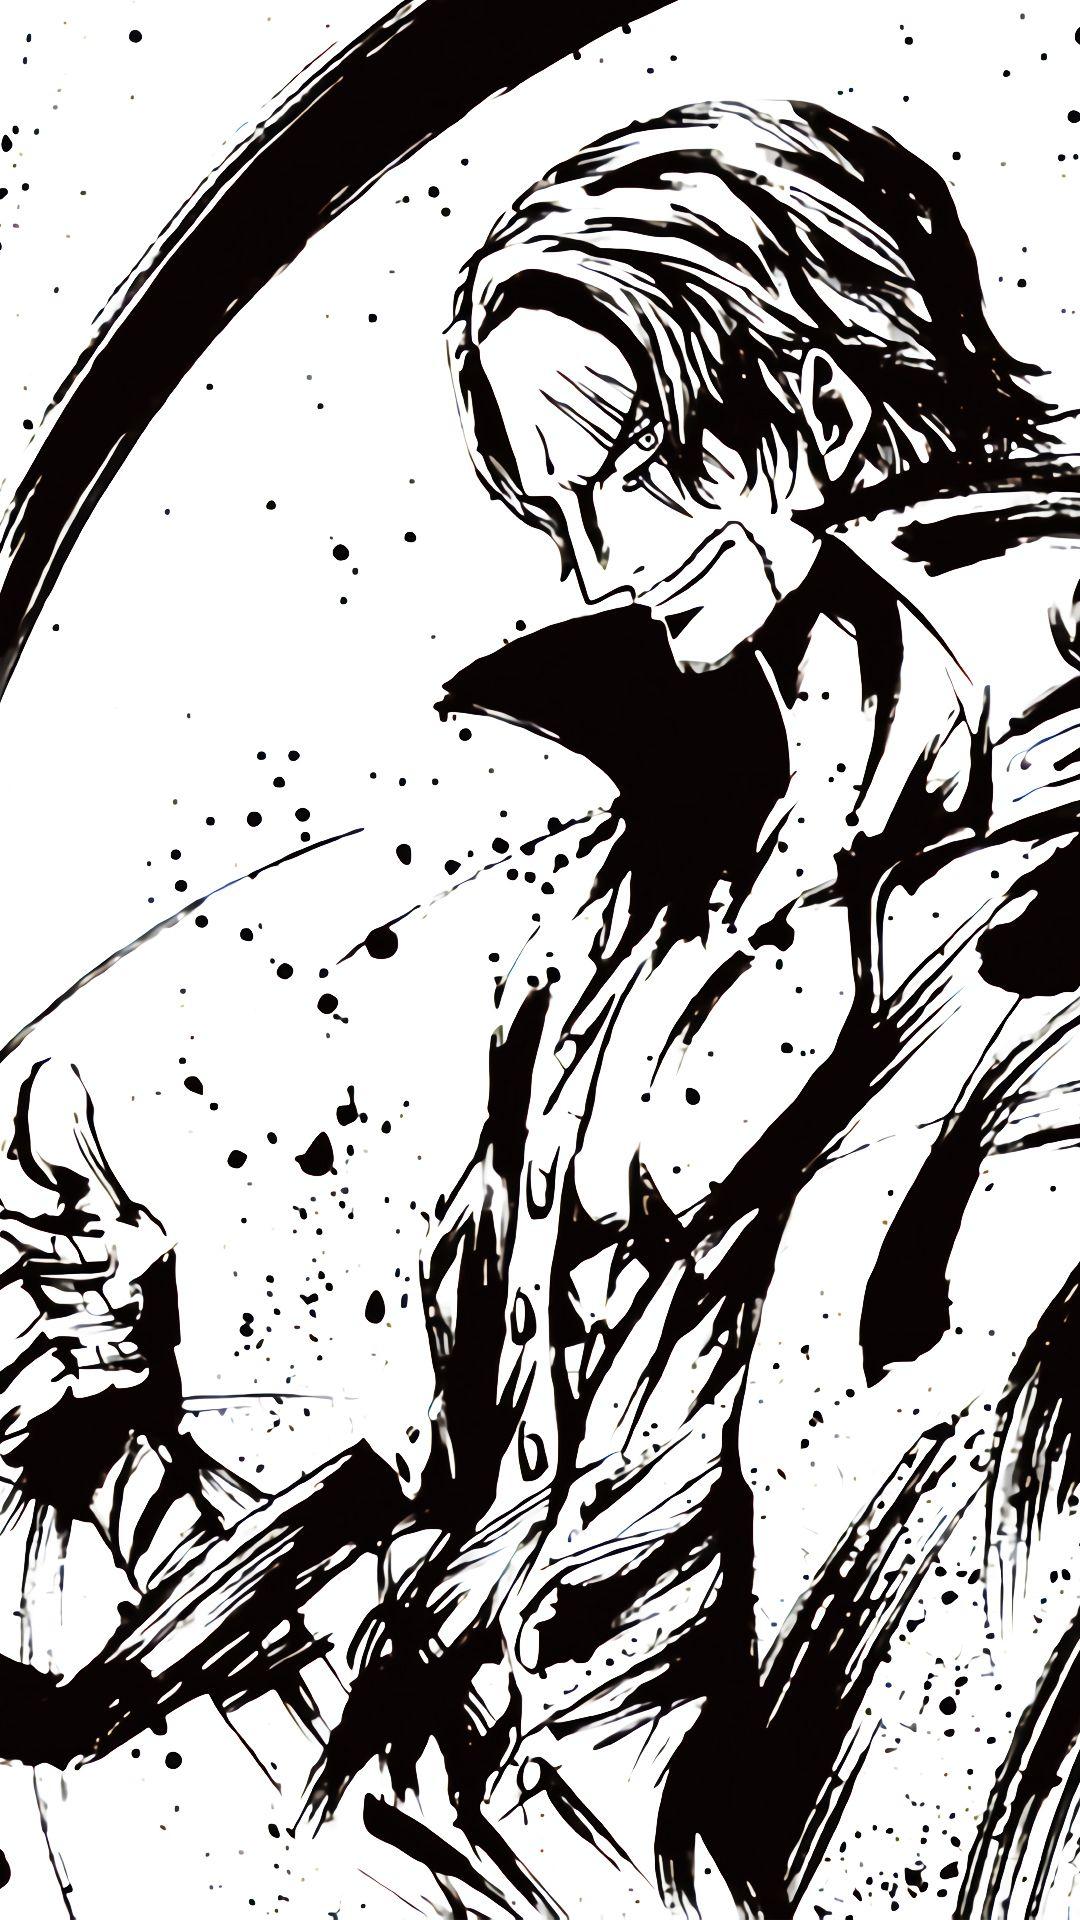 shanks おしゃれまとめの人気アイデア pinterest 죽수 방 ルフィ イラスト 白黒の壁紙 ルフィ 画像